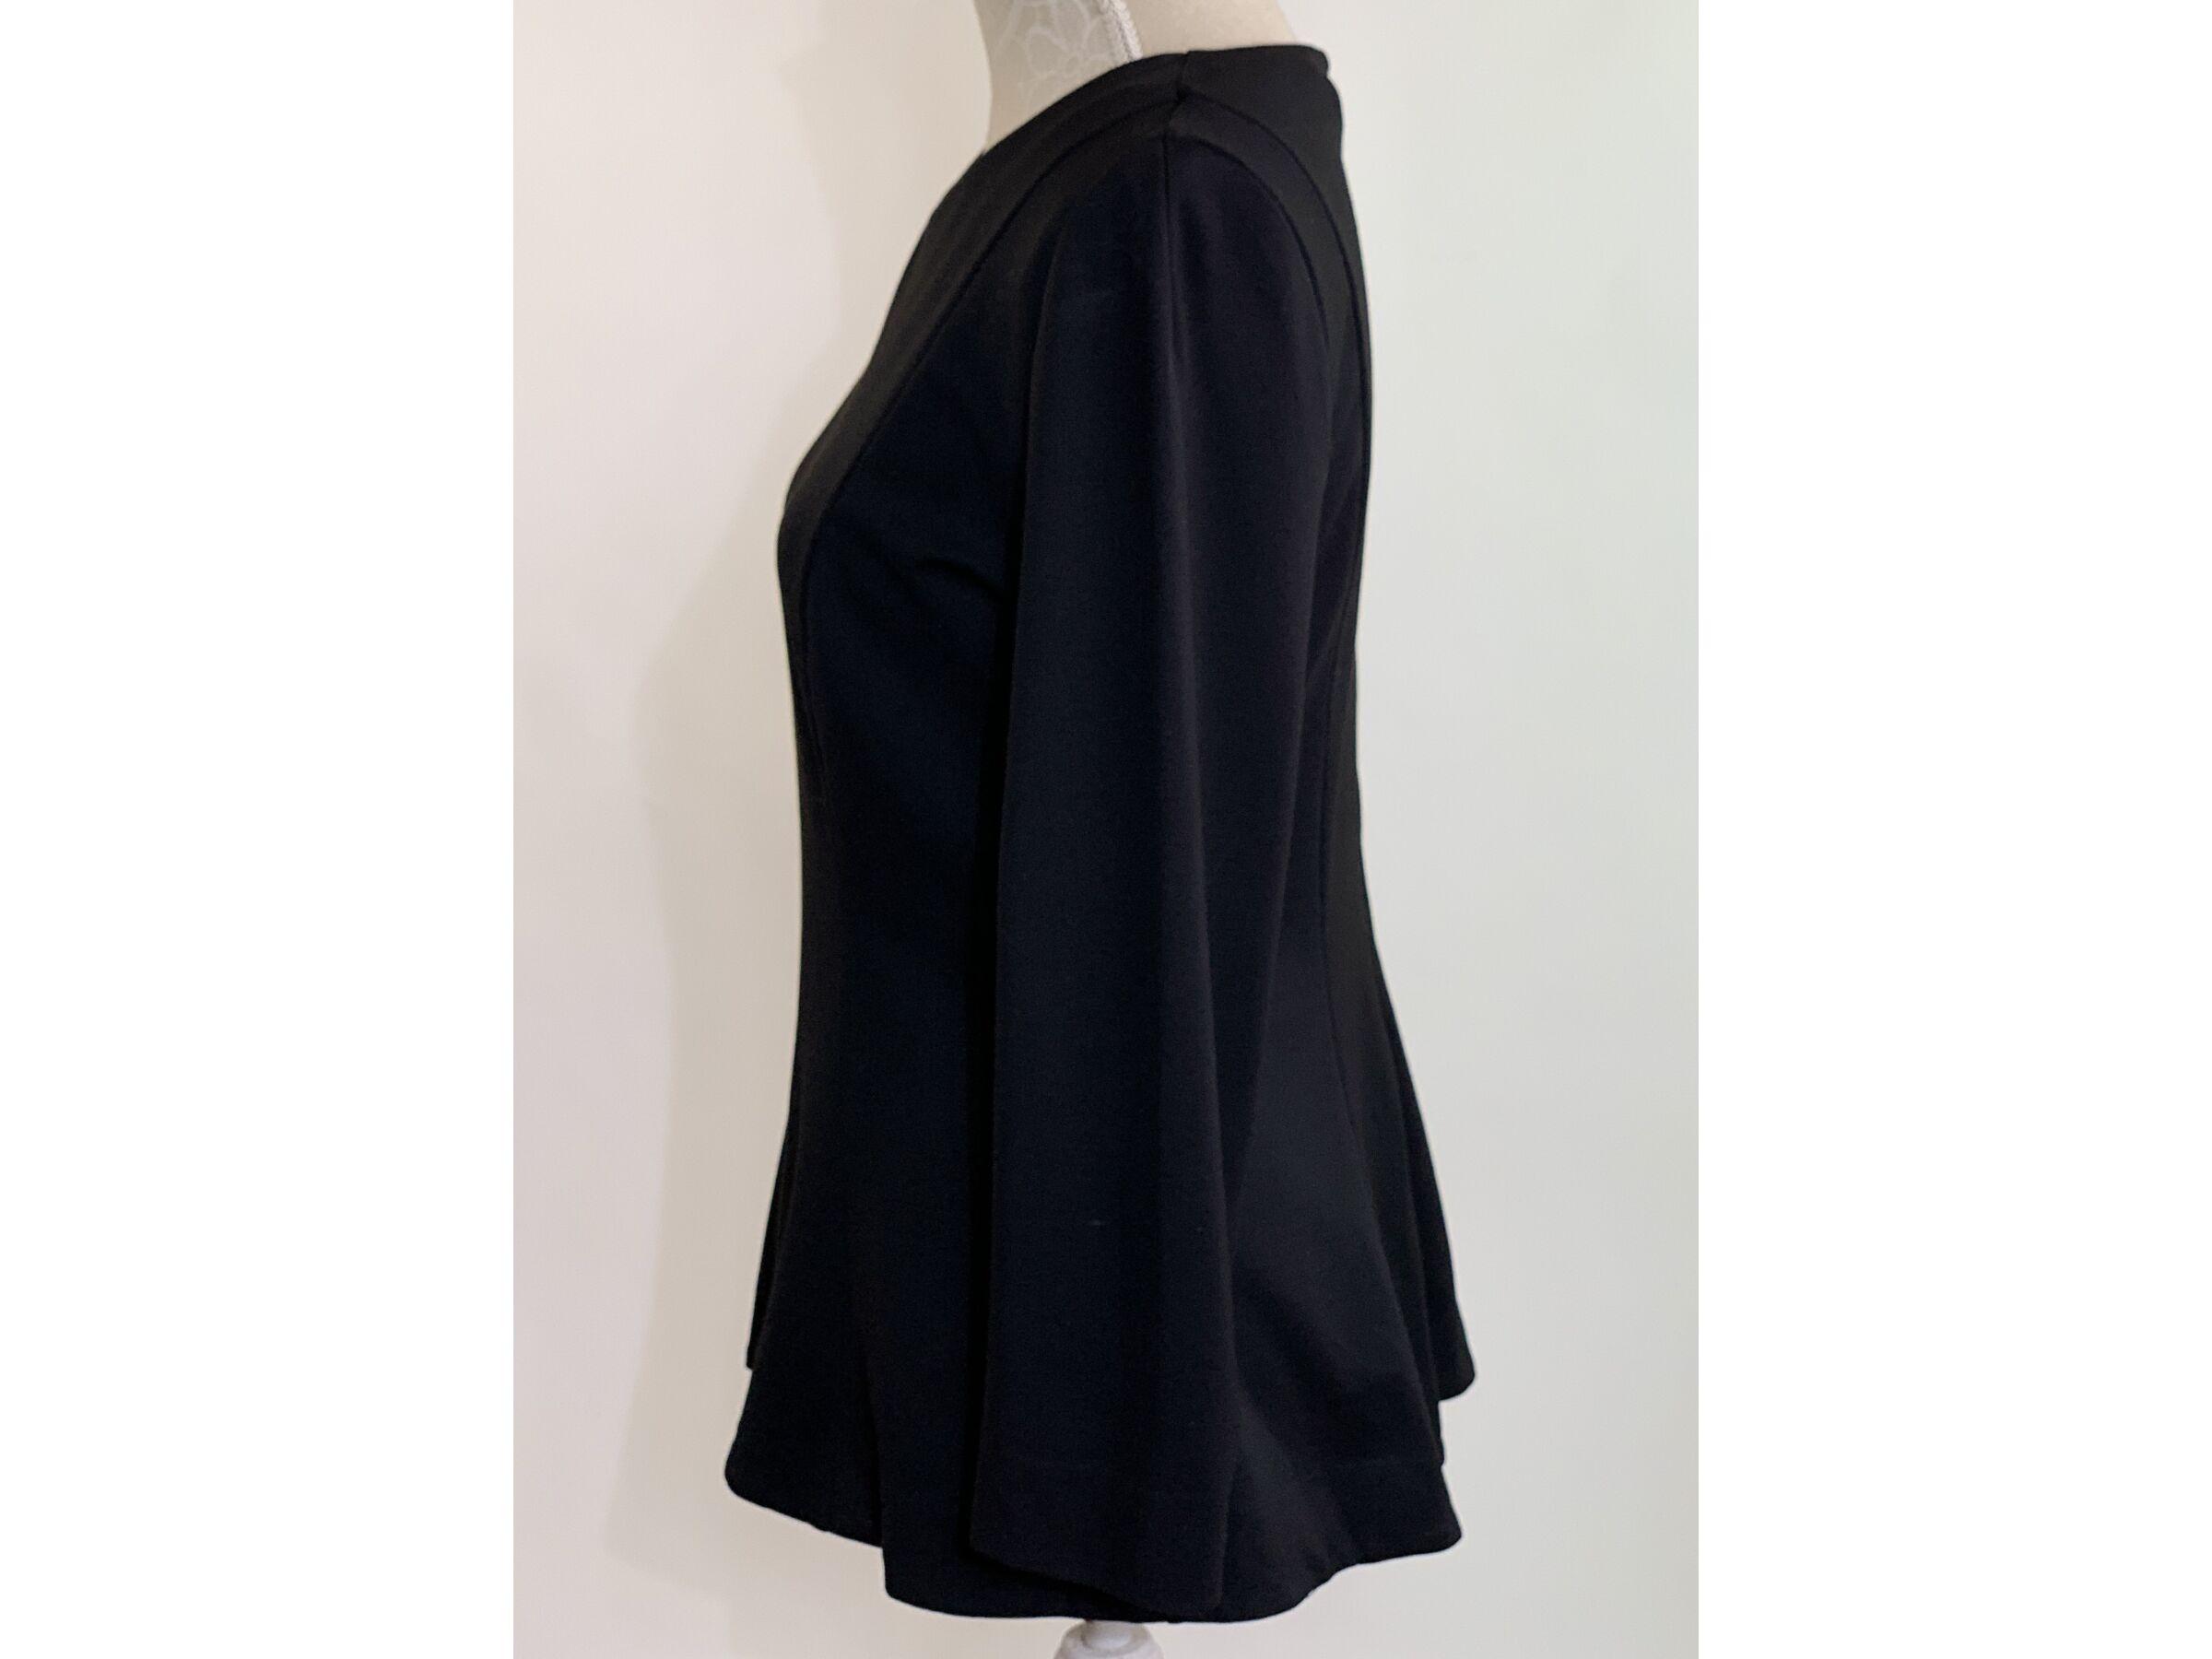 Dior uniforms felső (S)